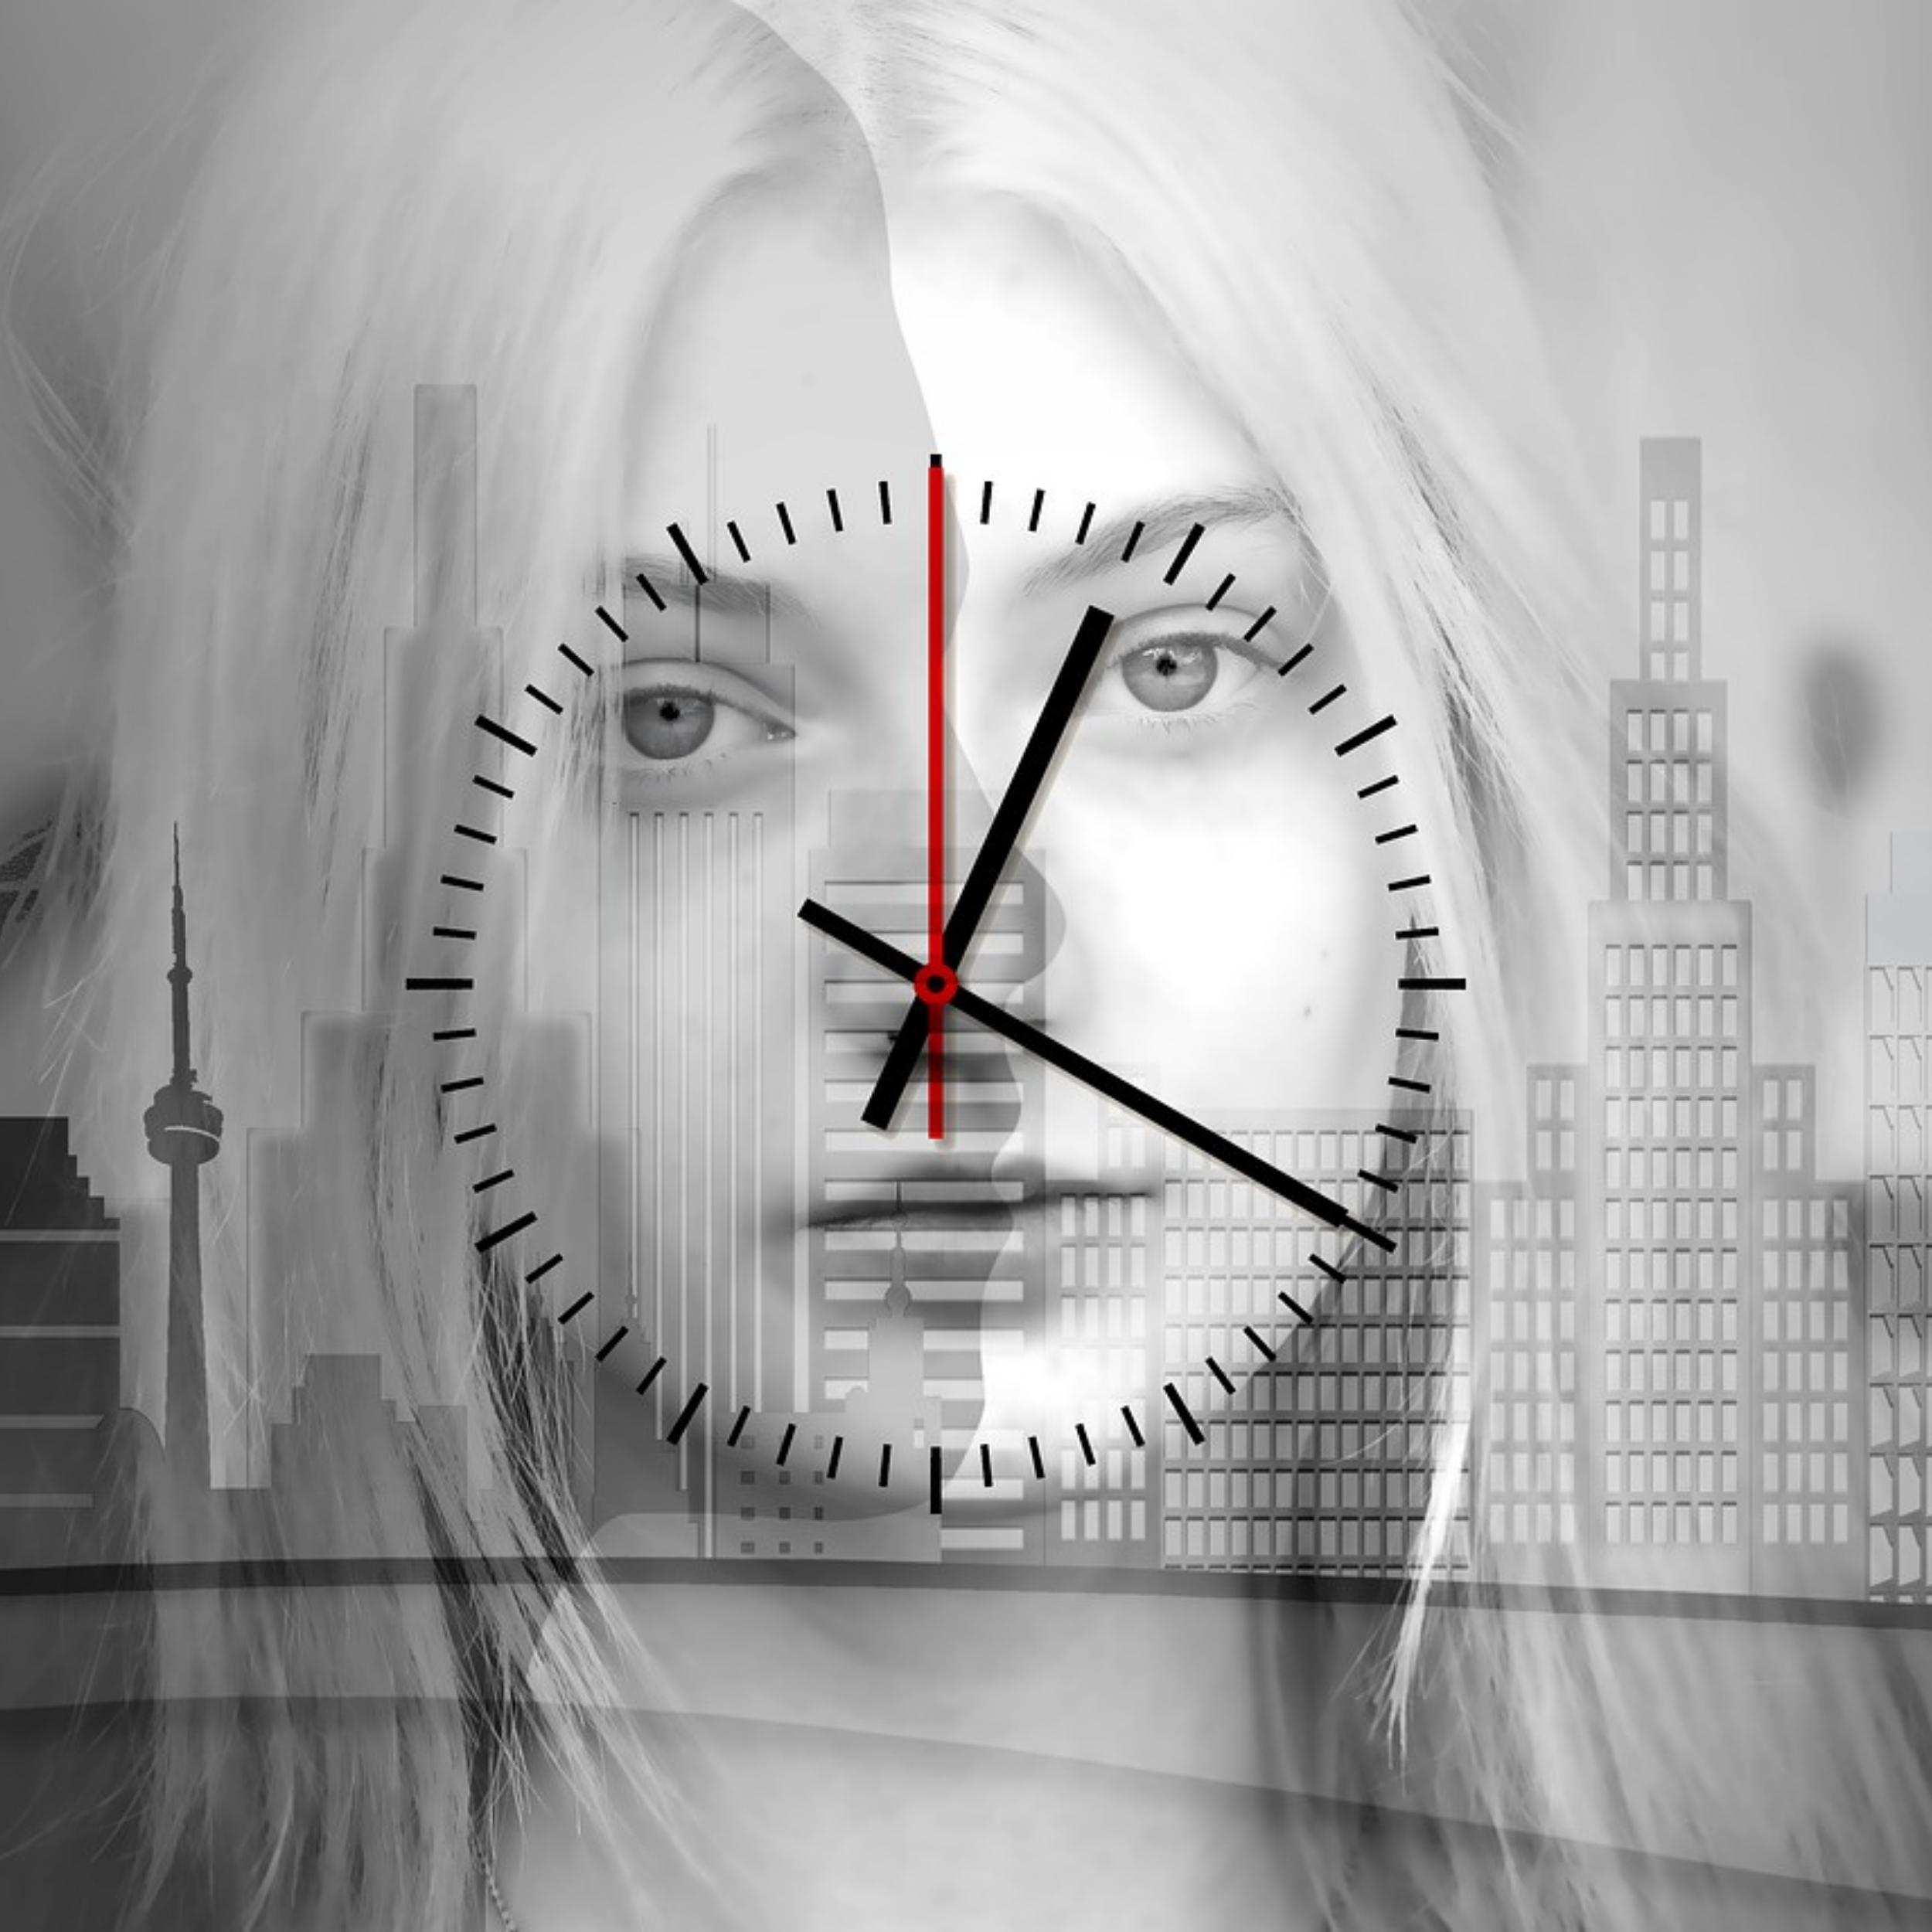 Frauengesicht mit Transparenter analog Uhr davor.